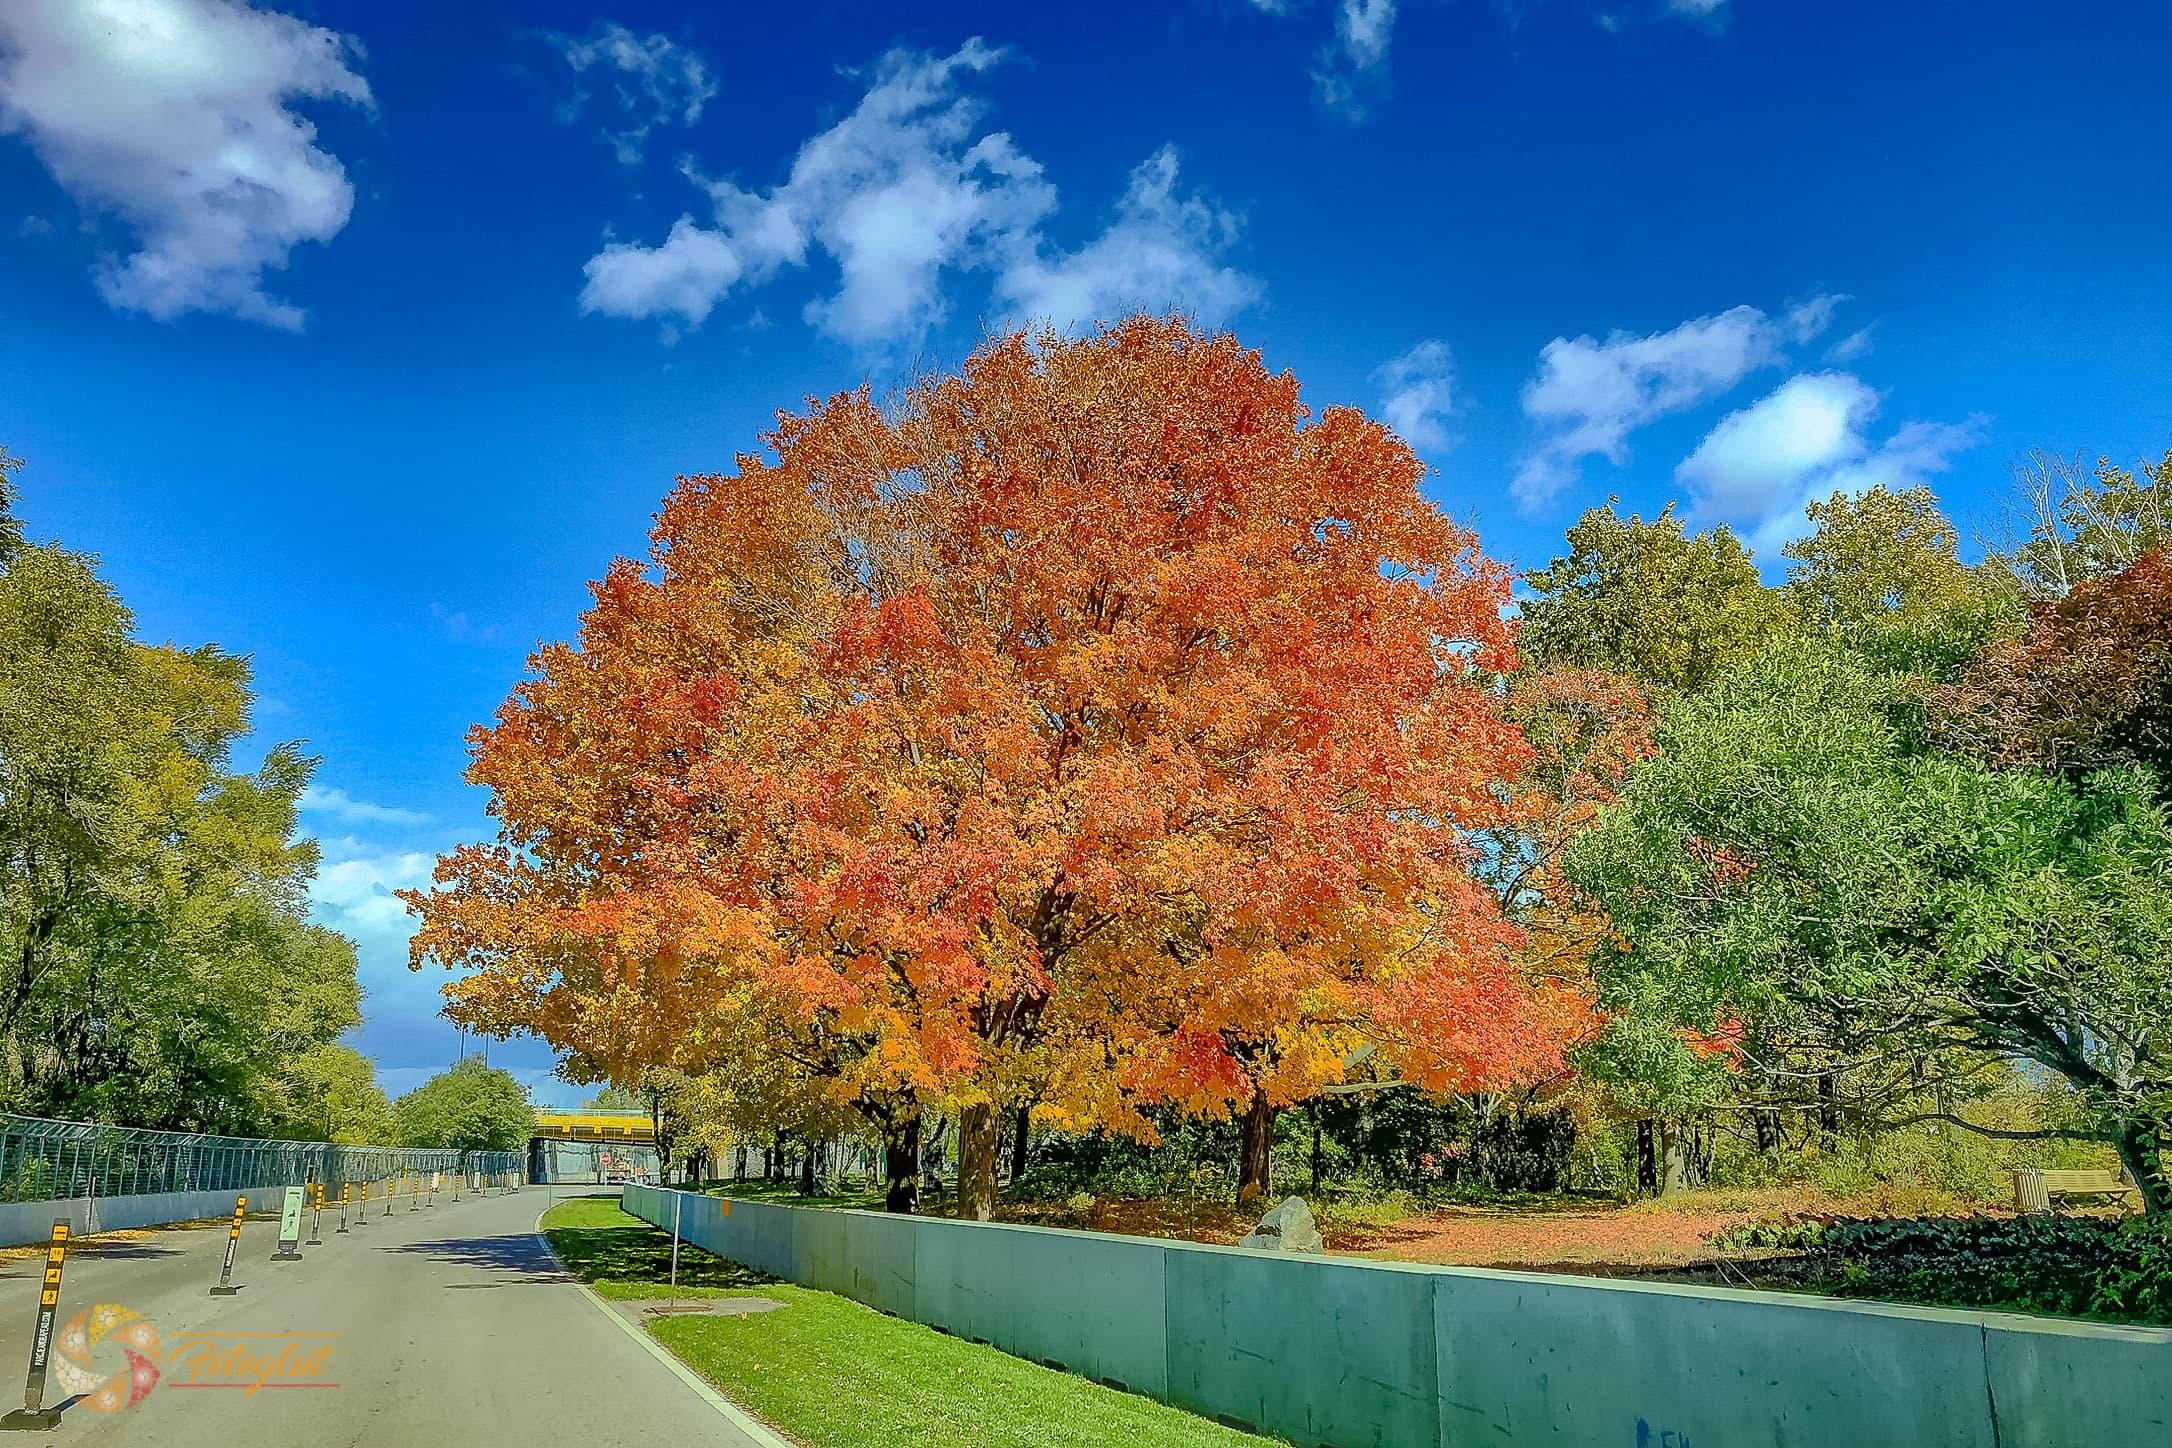 Circuit Gilles-Villeneuve - herbstlicher Baum an der Rennstrecke